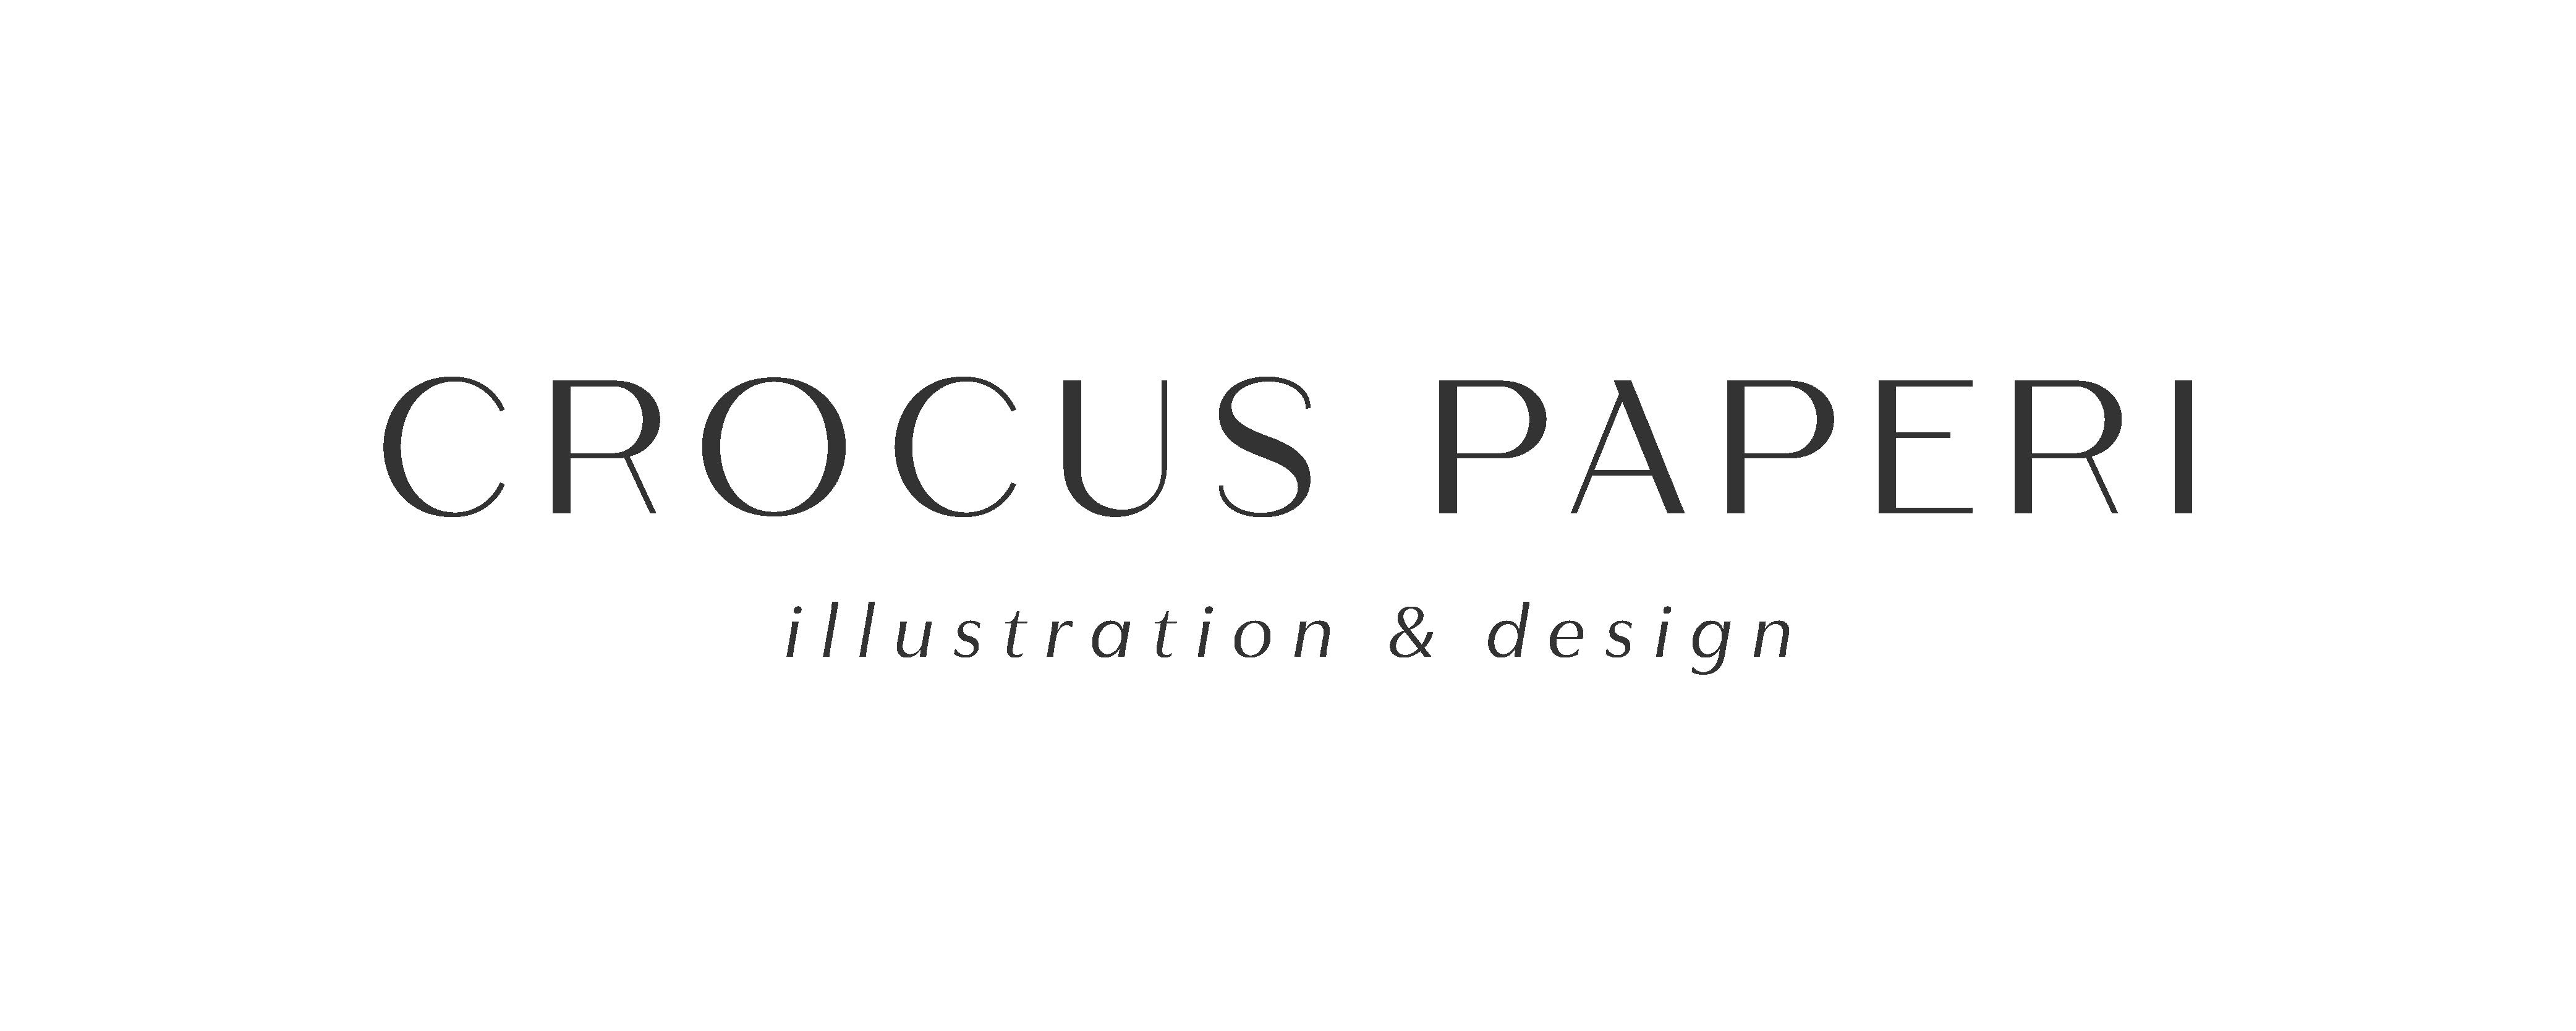 Crocus Paperi | Illustrations, graphic design, branding logo